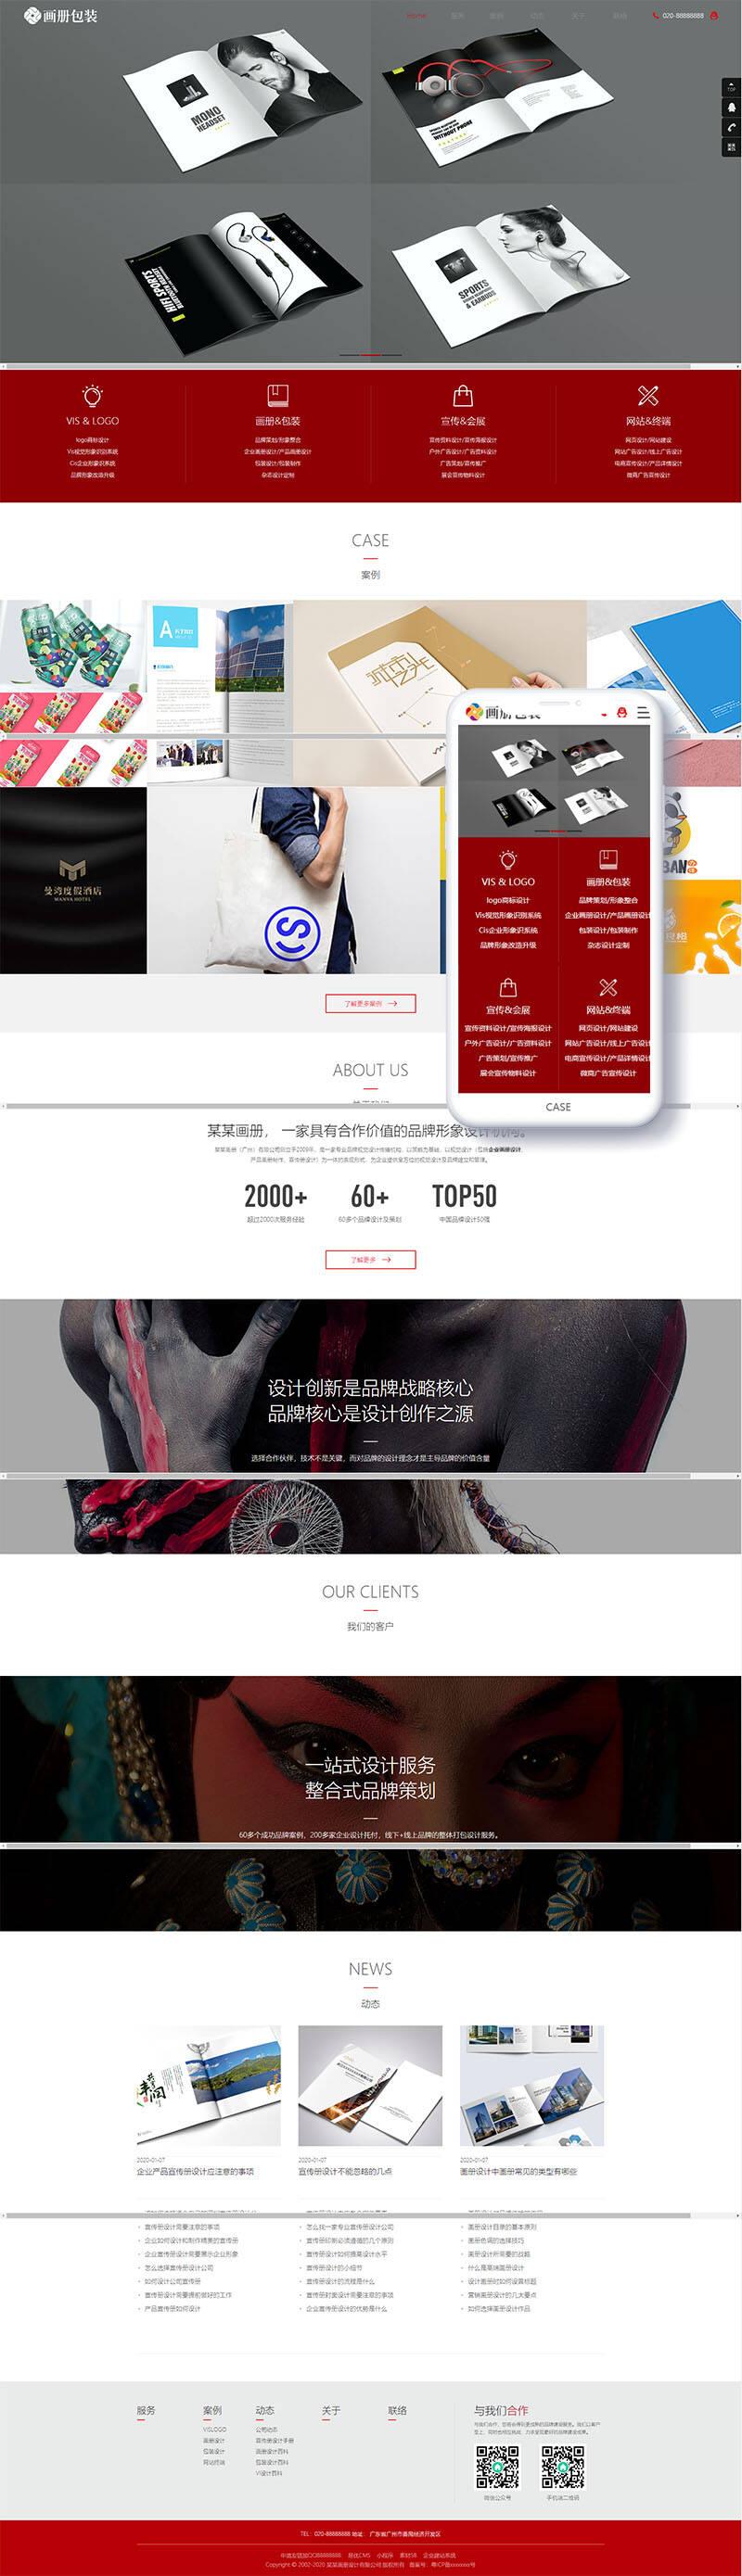 织梦dedecms模板 响应式画册包装设计类网站织梦模板,利于SEO优化